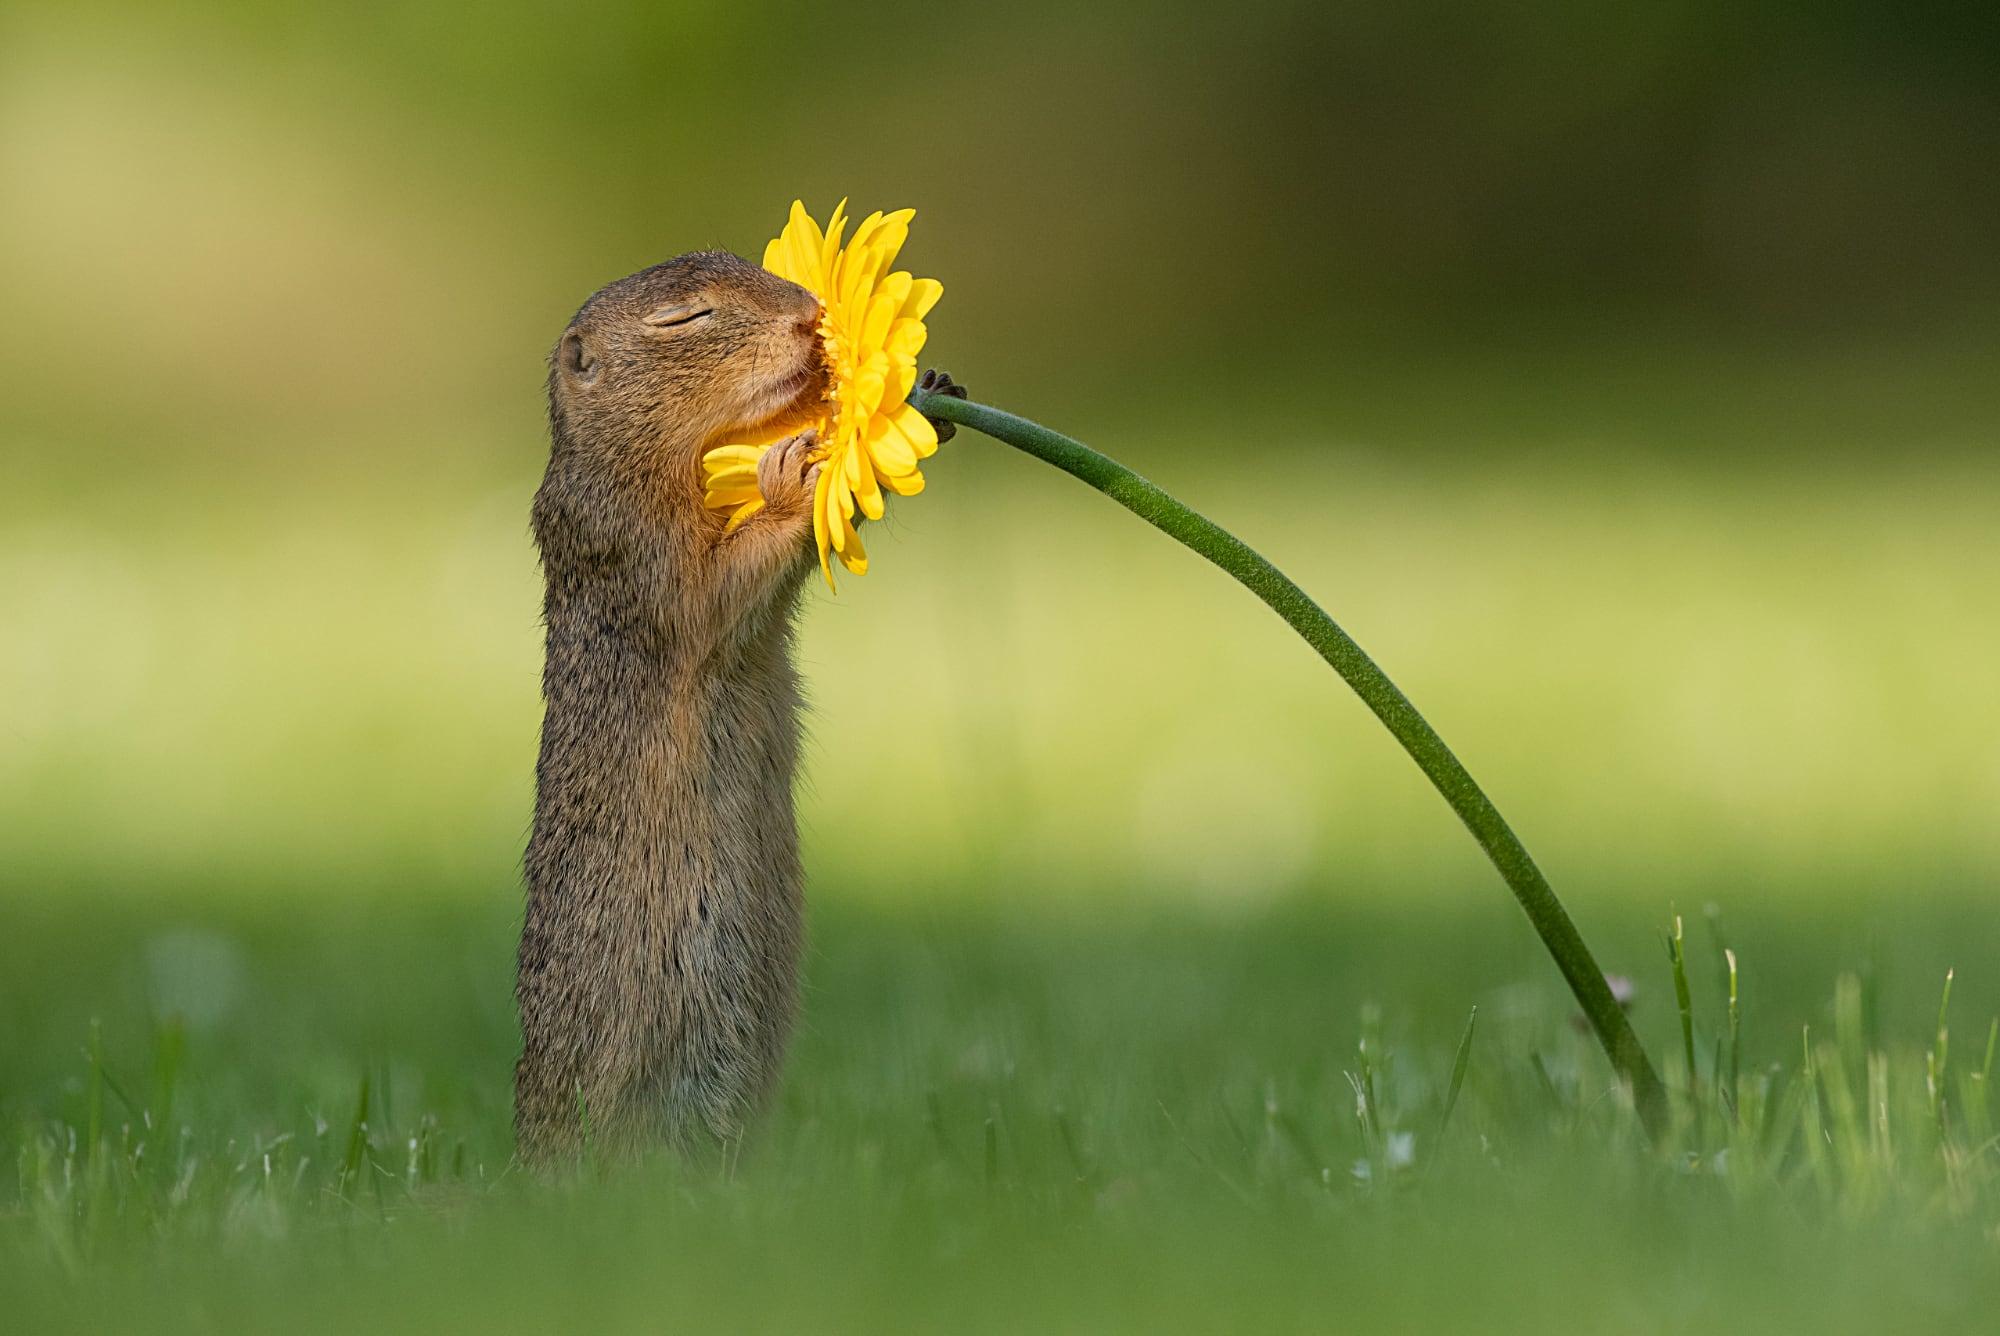 Eekhoorn houdt gele bloem vast met dichte oogjes, uit De Pracht van de Natuur, Dieren door de lens van Dick van Duijn - isbn 9789000374199